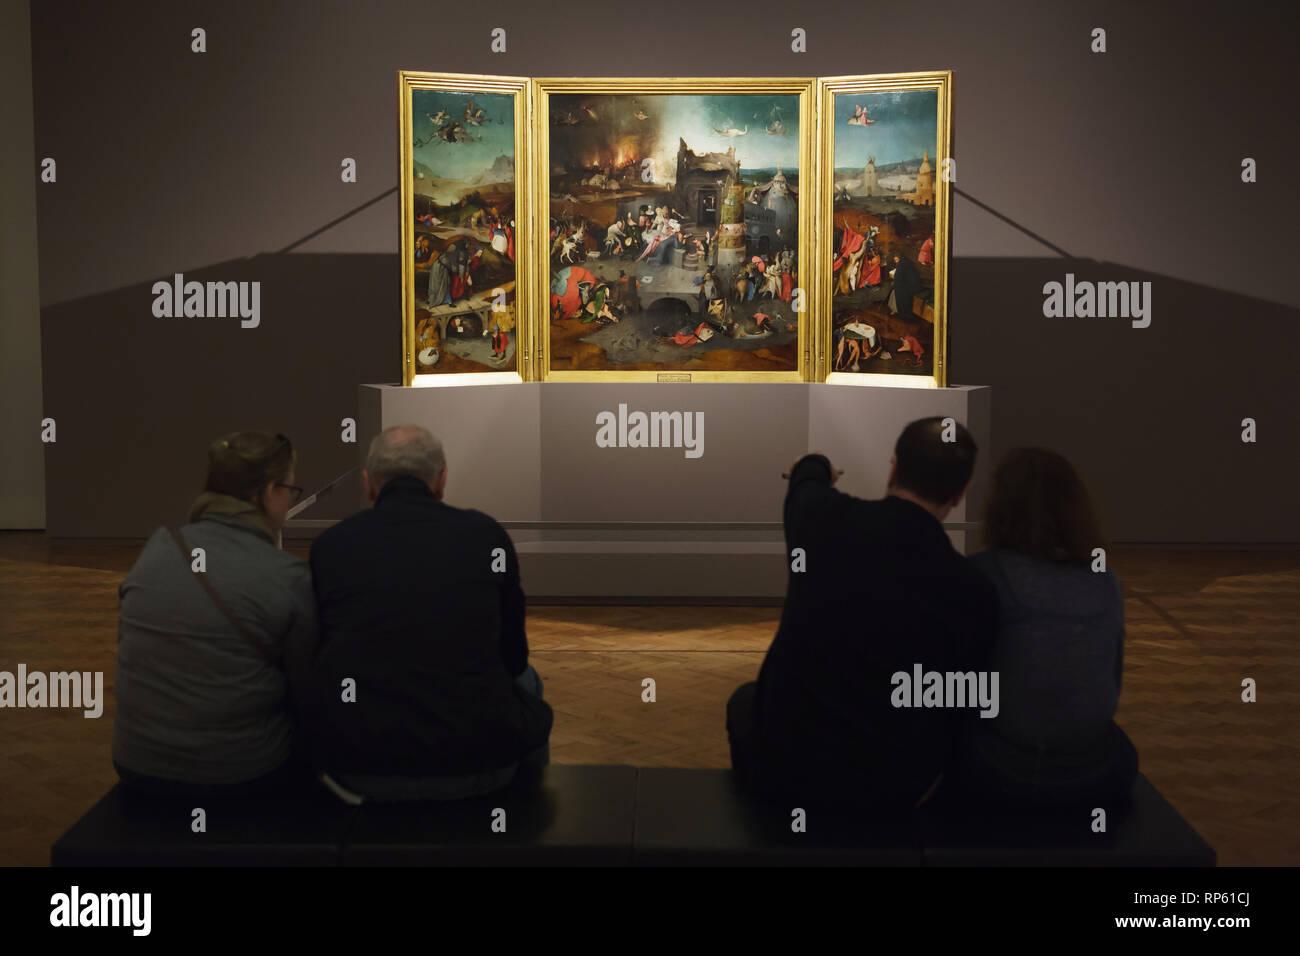 """Visiteurs en face de l'autel le triptyque """"La Tentation de Saint Antoine"""" par Dutch peintre Jérôme Bosch (1490-1500) affiché dans le Musée National d'Art Ancien (Museu Nacional de Arte Antiga) à Lisbonne, Portugal. Photo Stock"""